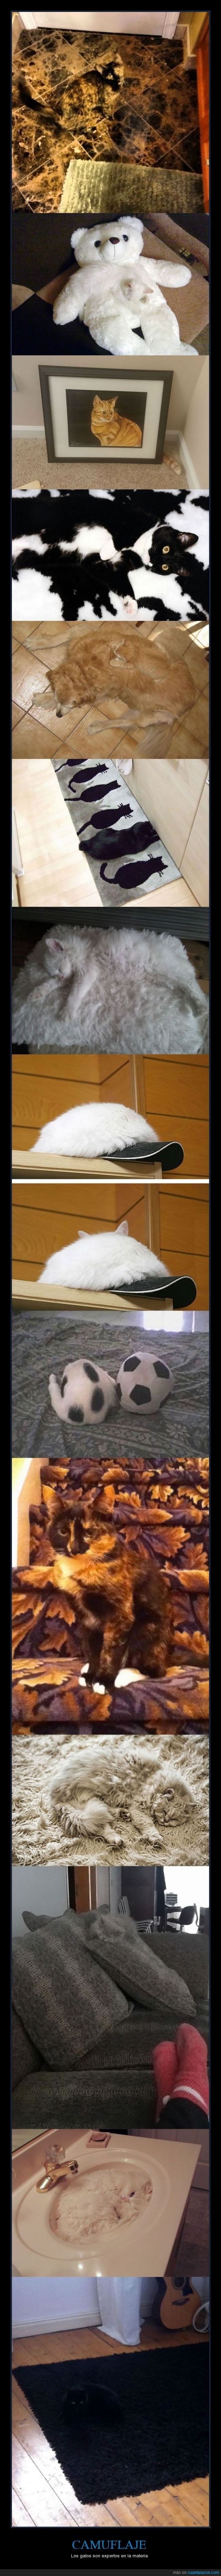 Alucinando con la maestría de los gatos en el camuflaje - Los gatos son expertos…